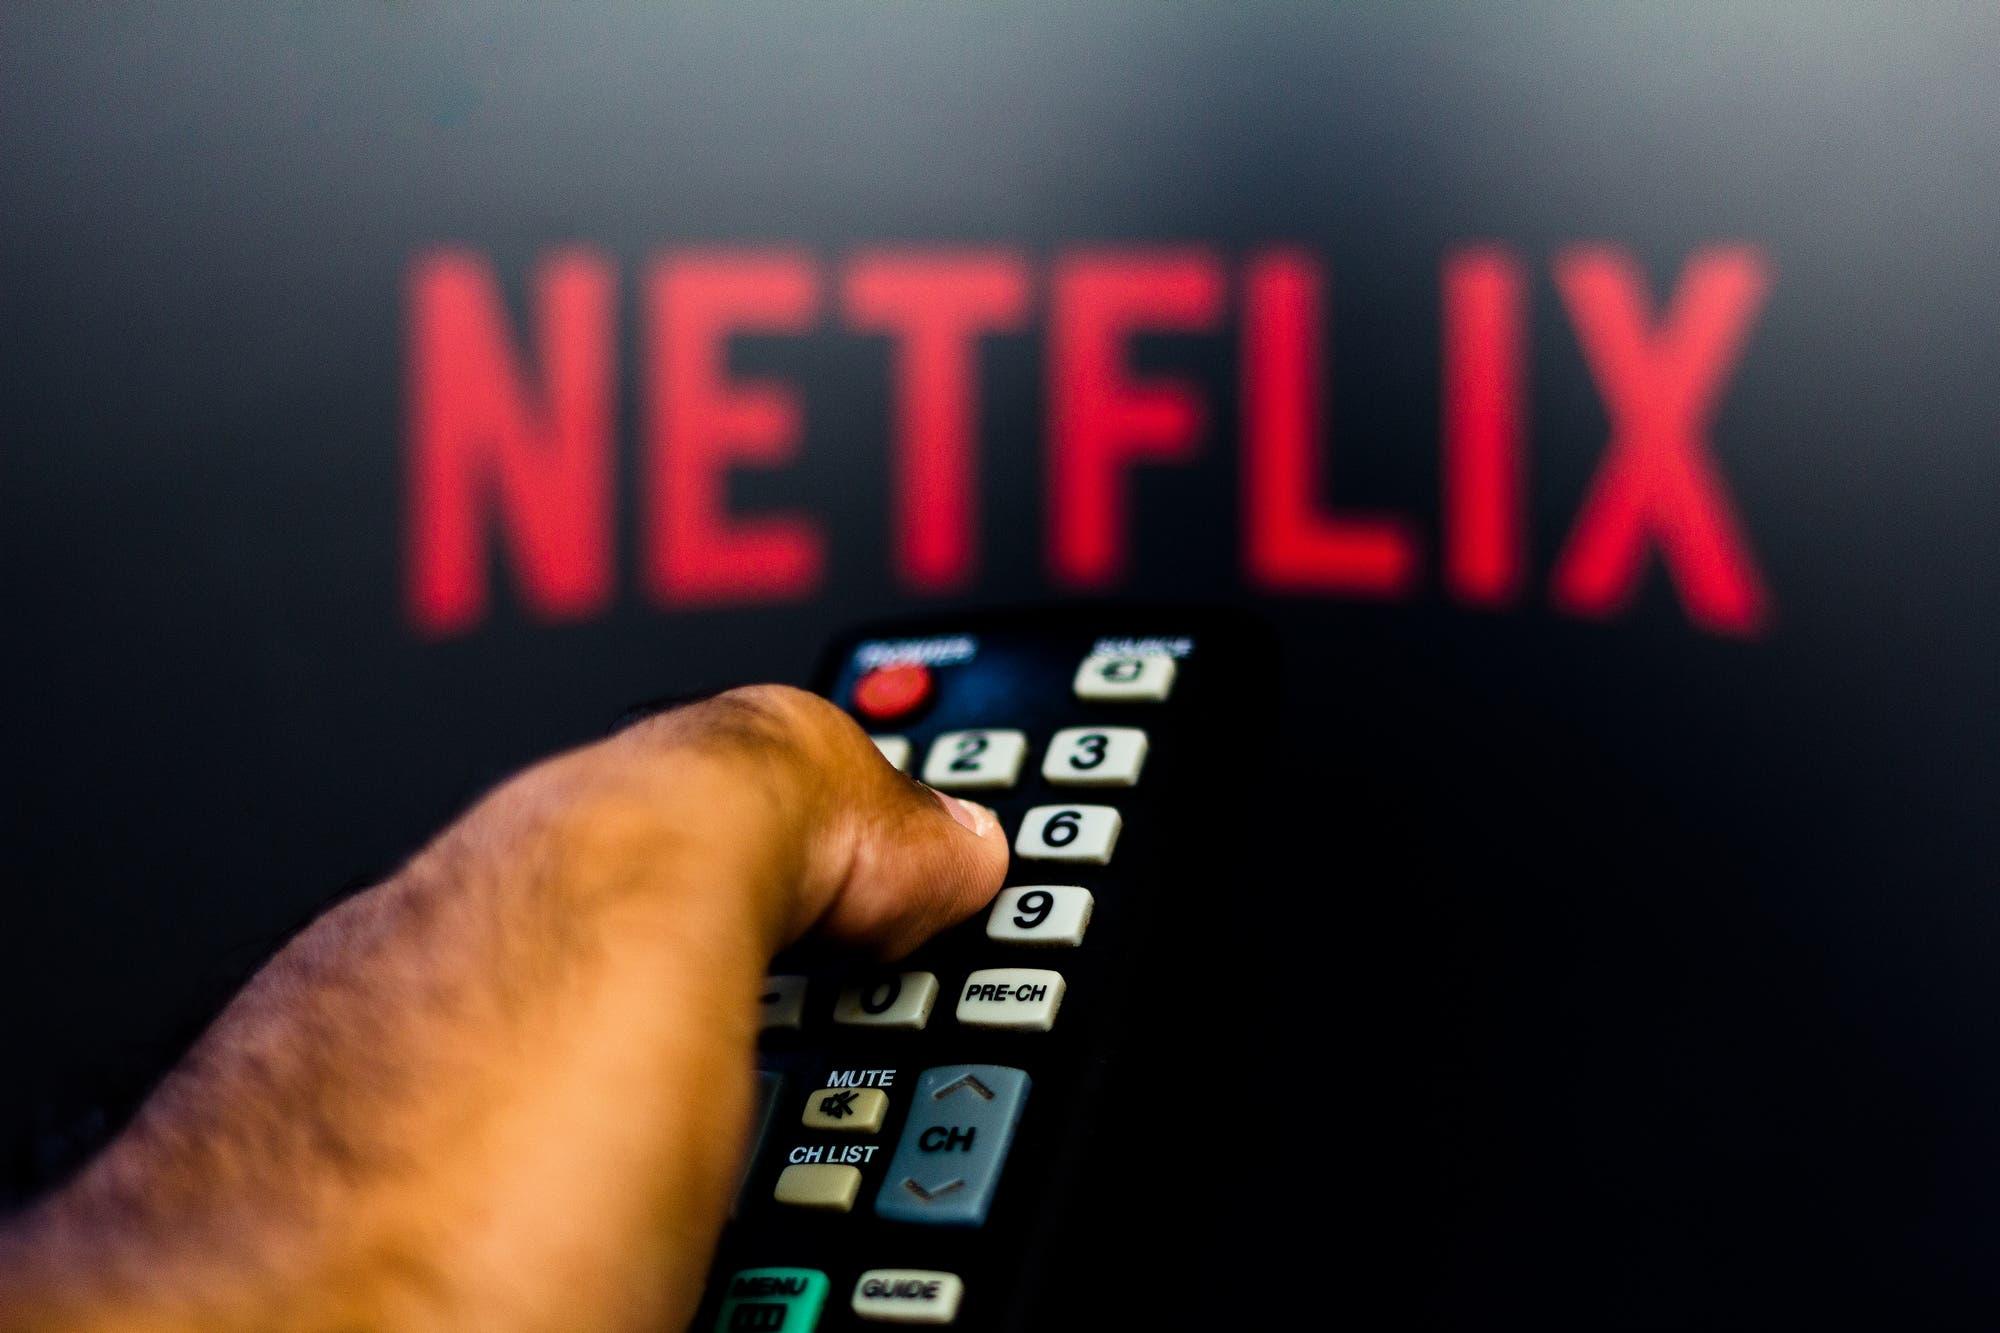 Sin Netflix: qué modelos de televisores no podrán usar el servicio de streaming desde diciembre